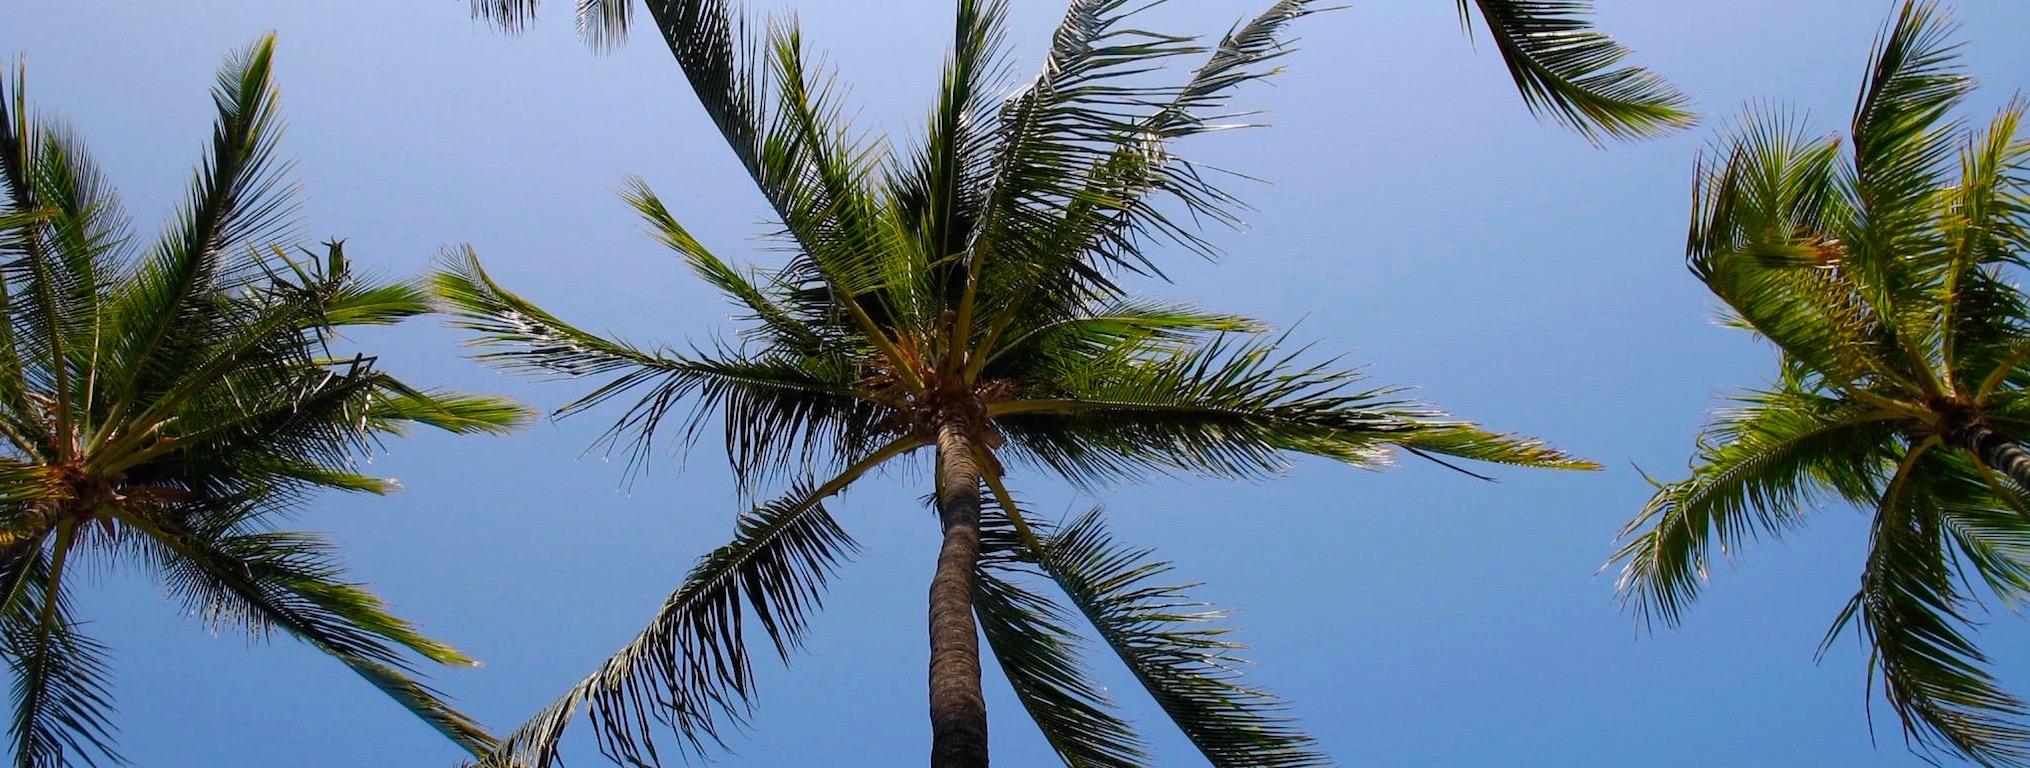 hawaiian-palm-trees.jpg